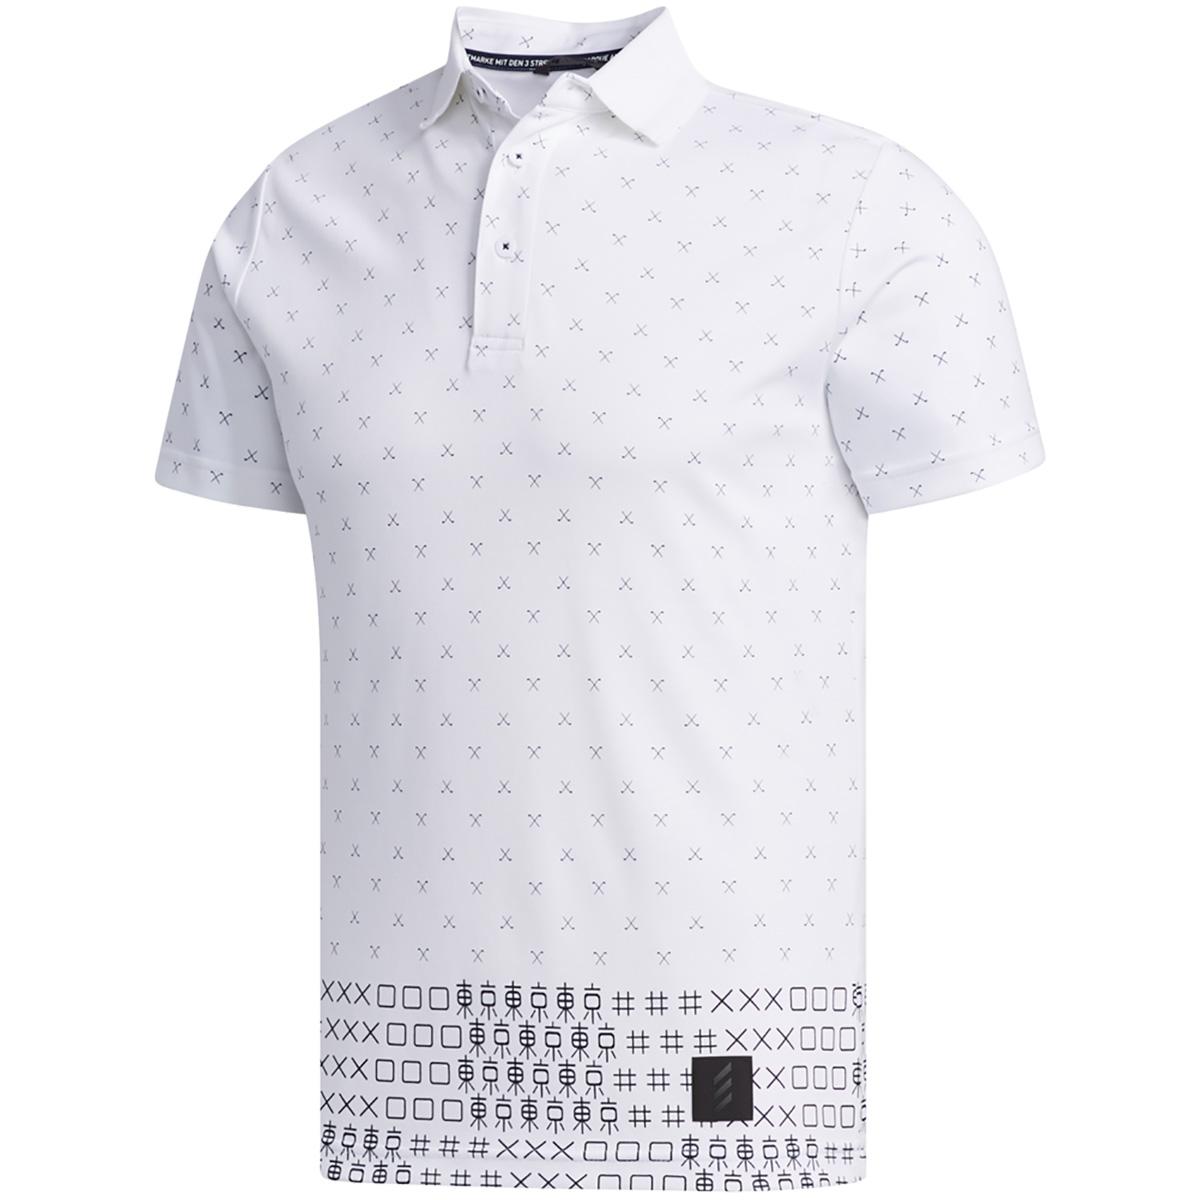 ADICROSS TOKYOプリント 半袖ポロシャツ